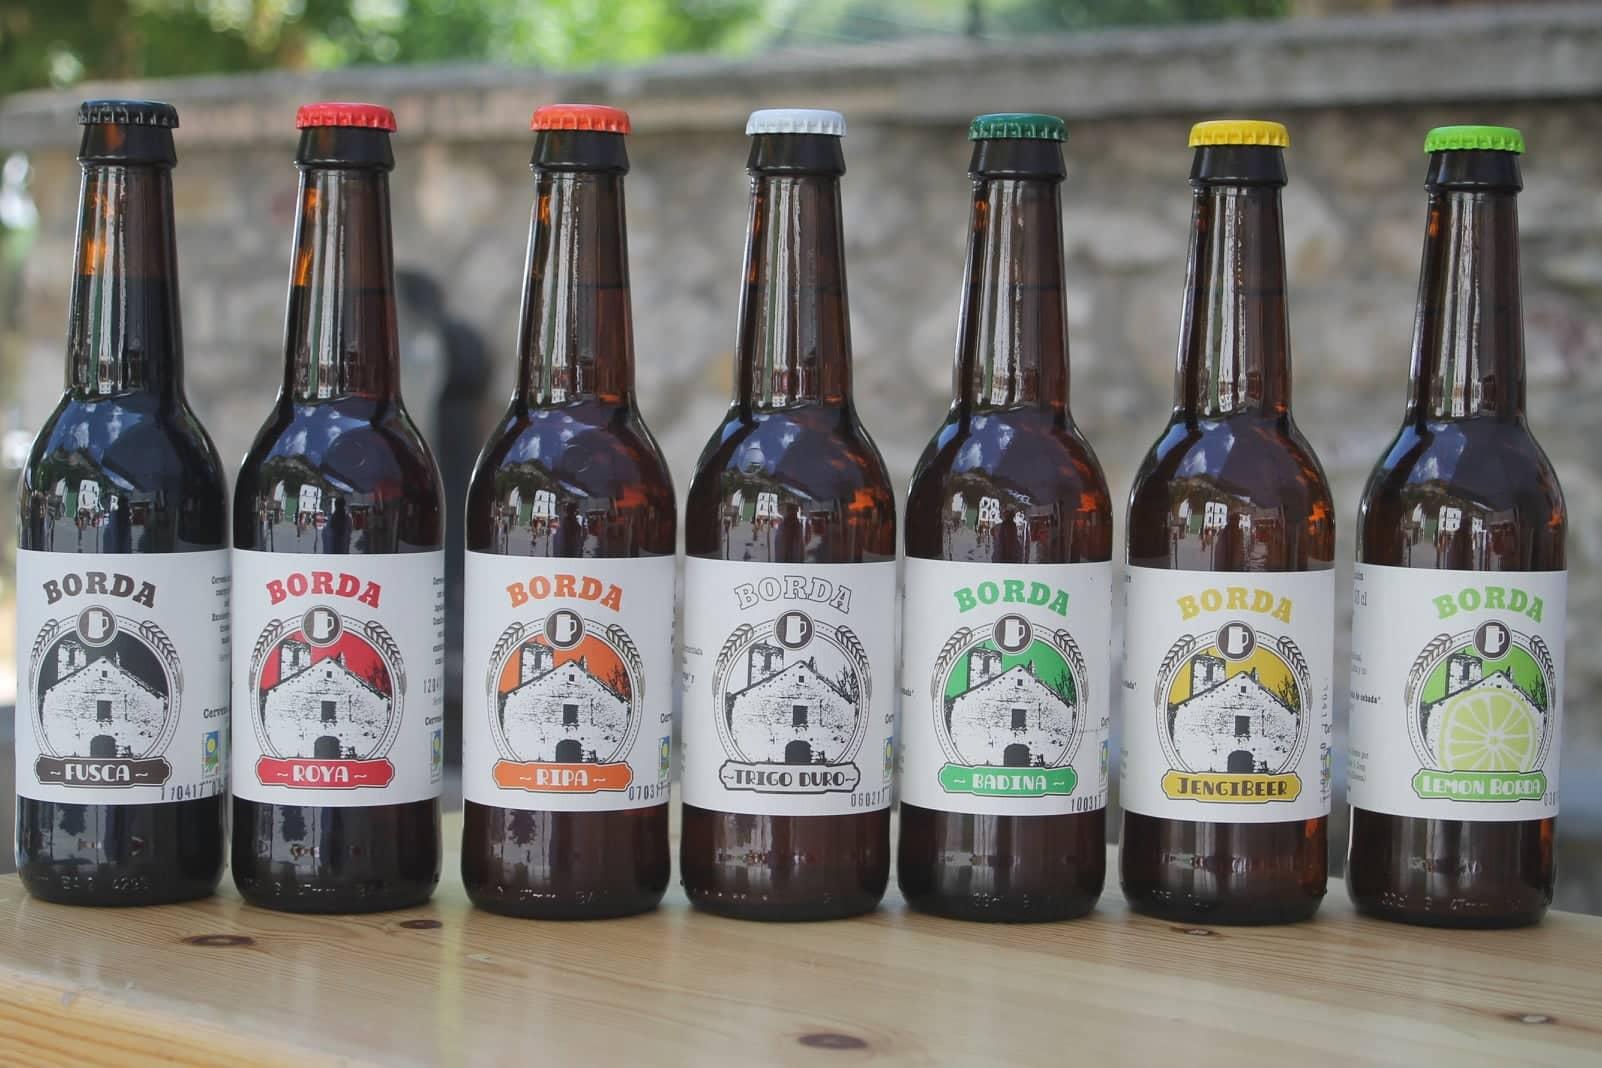 Borda, cervezas artesanales de Huesca – Loopulo